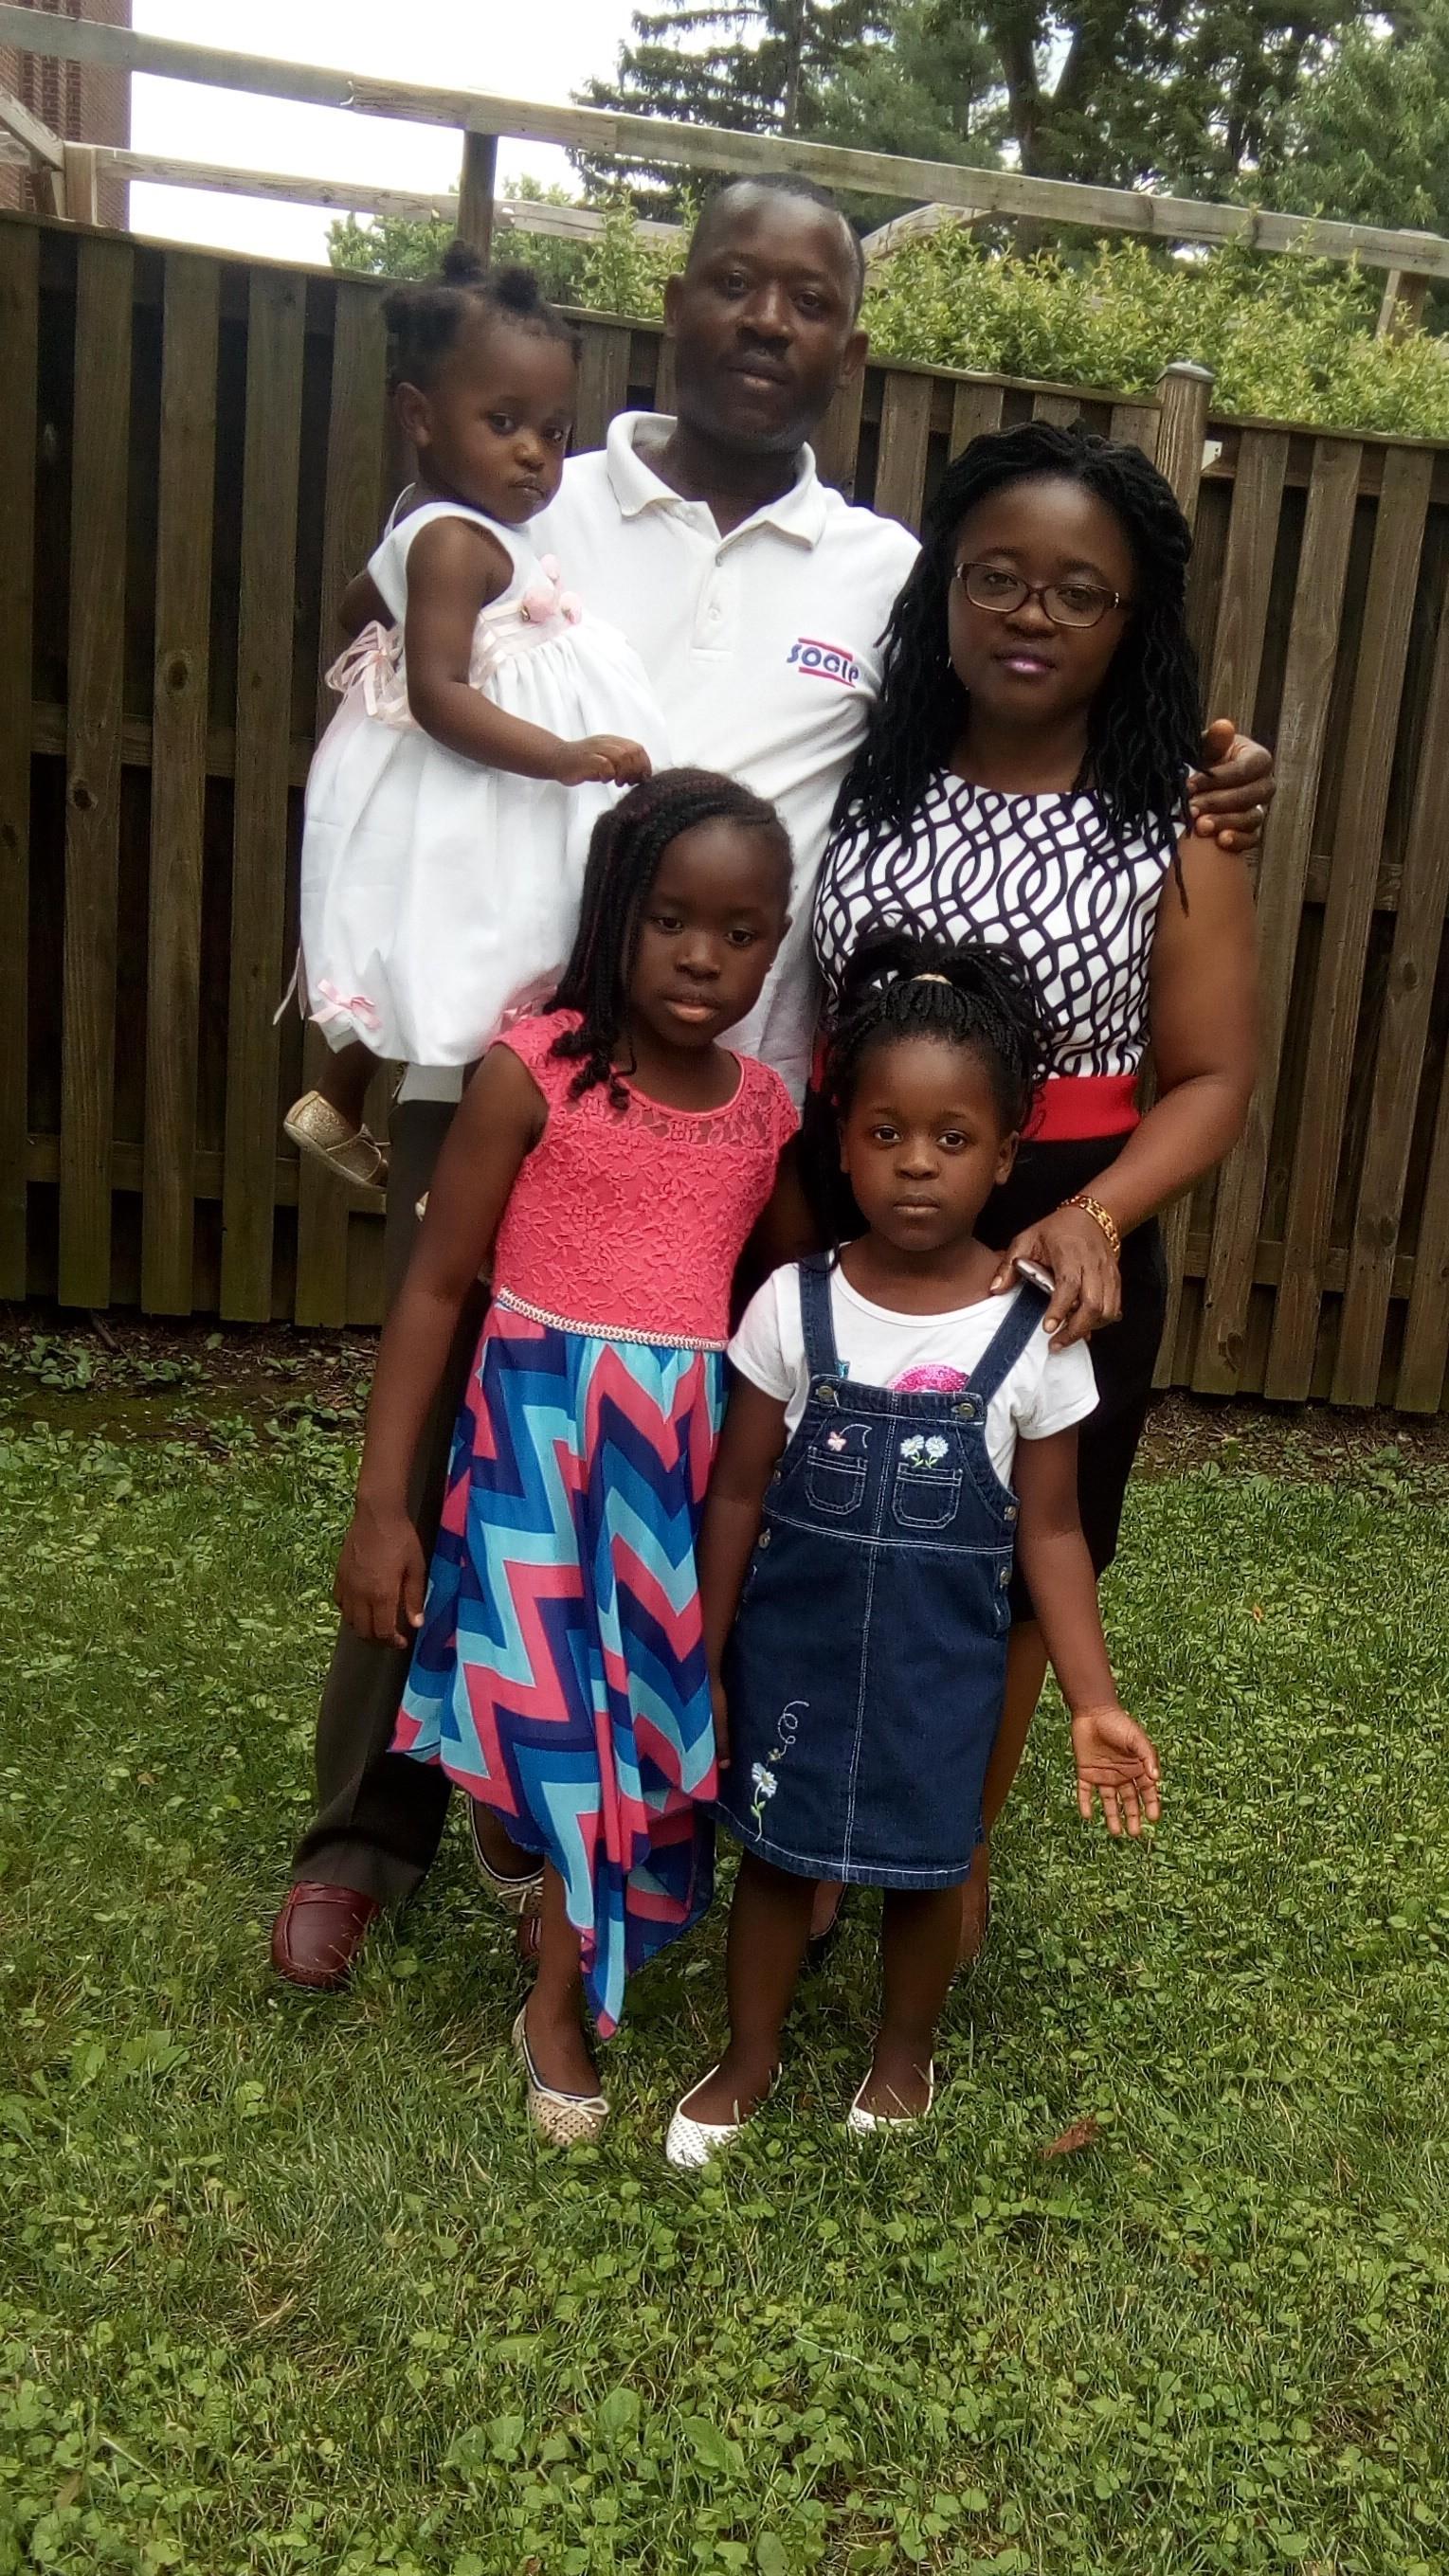 Patipe family